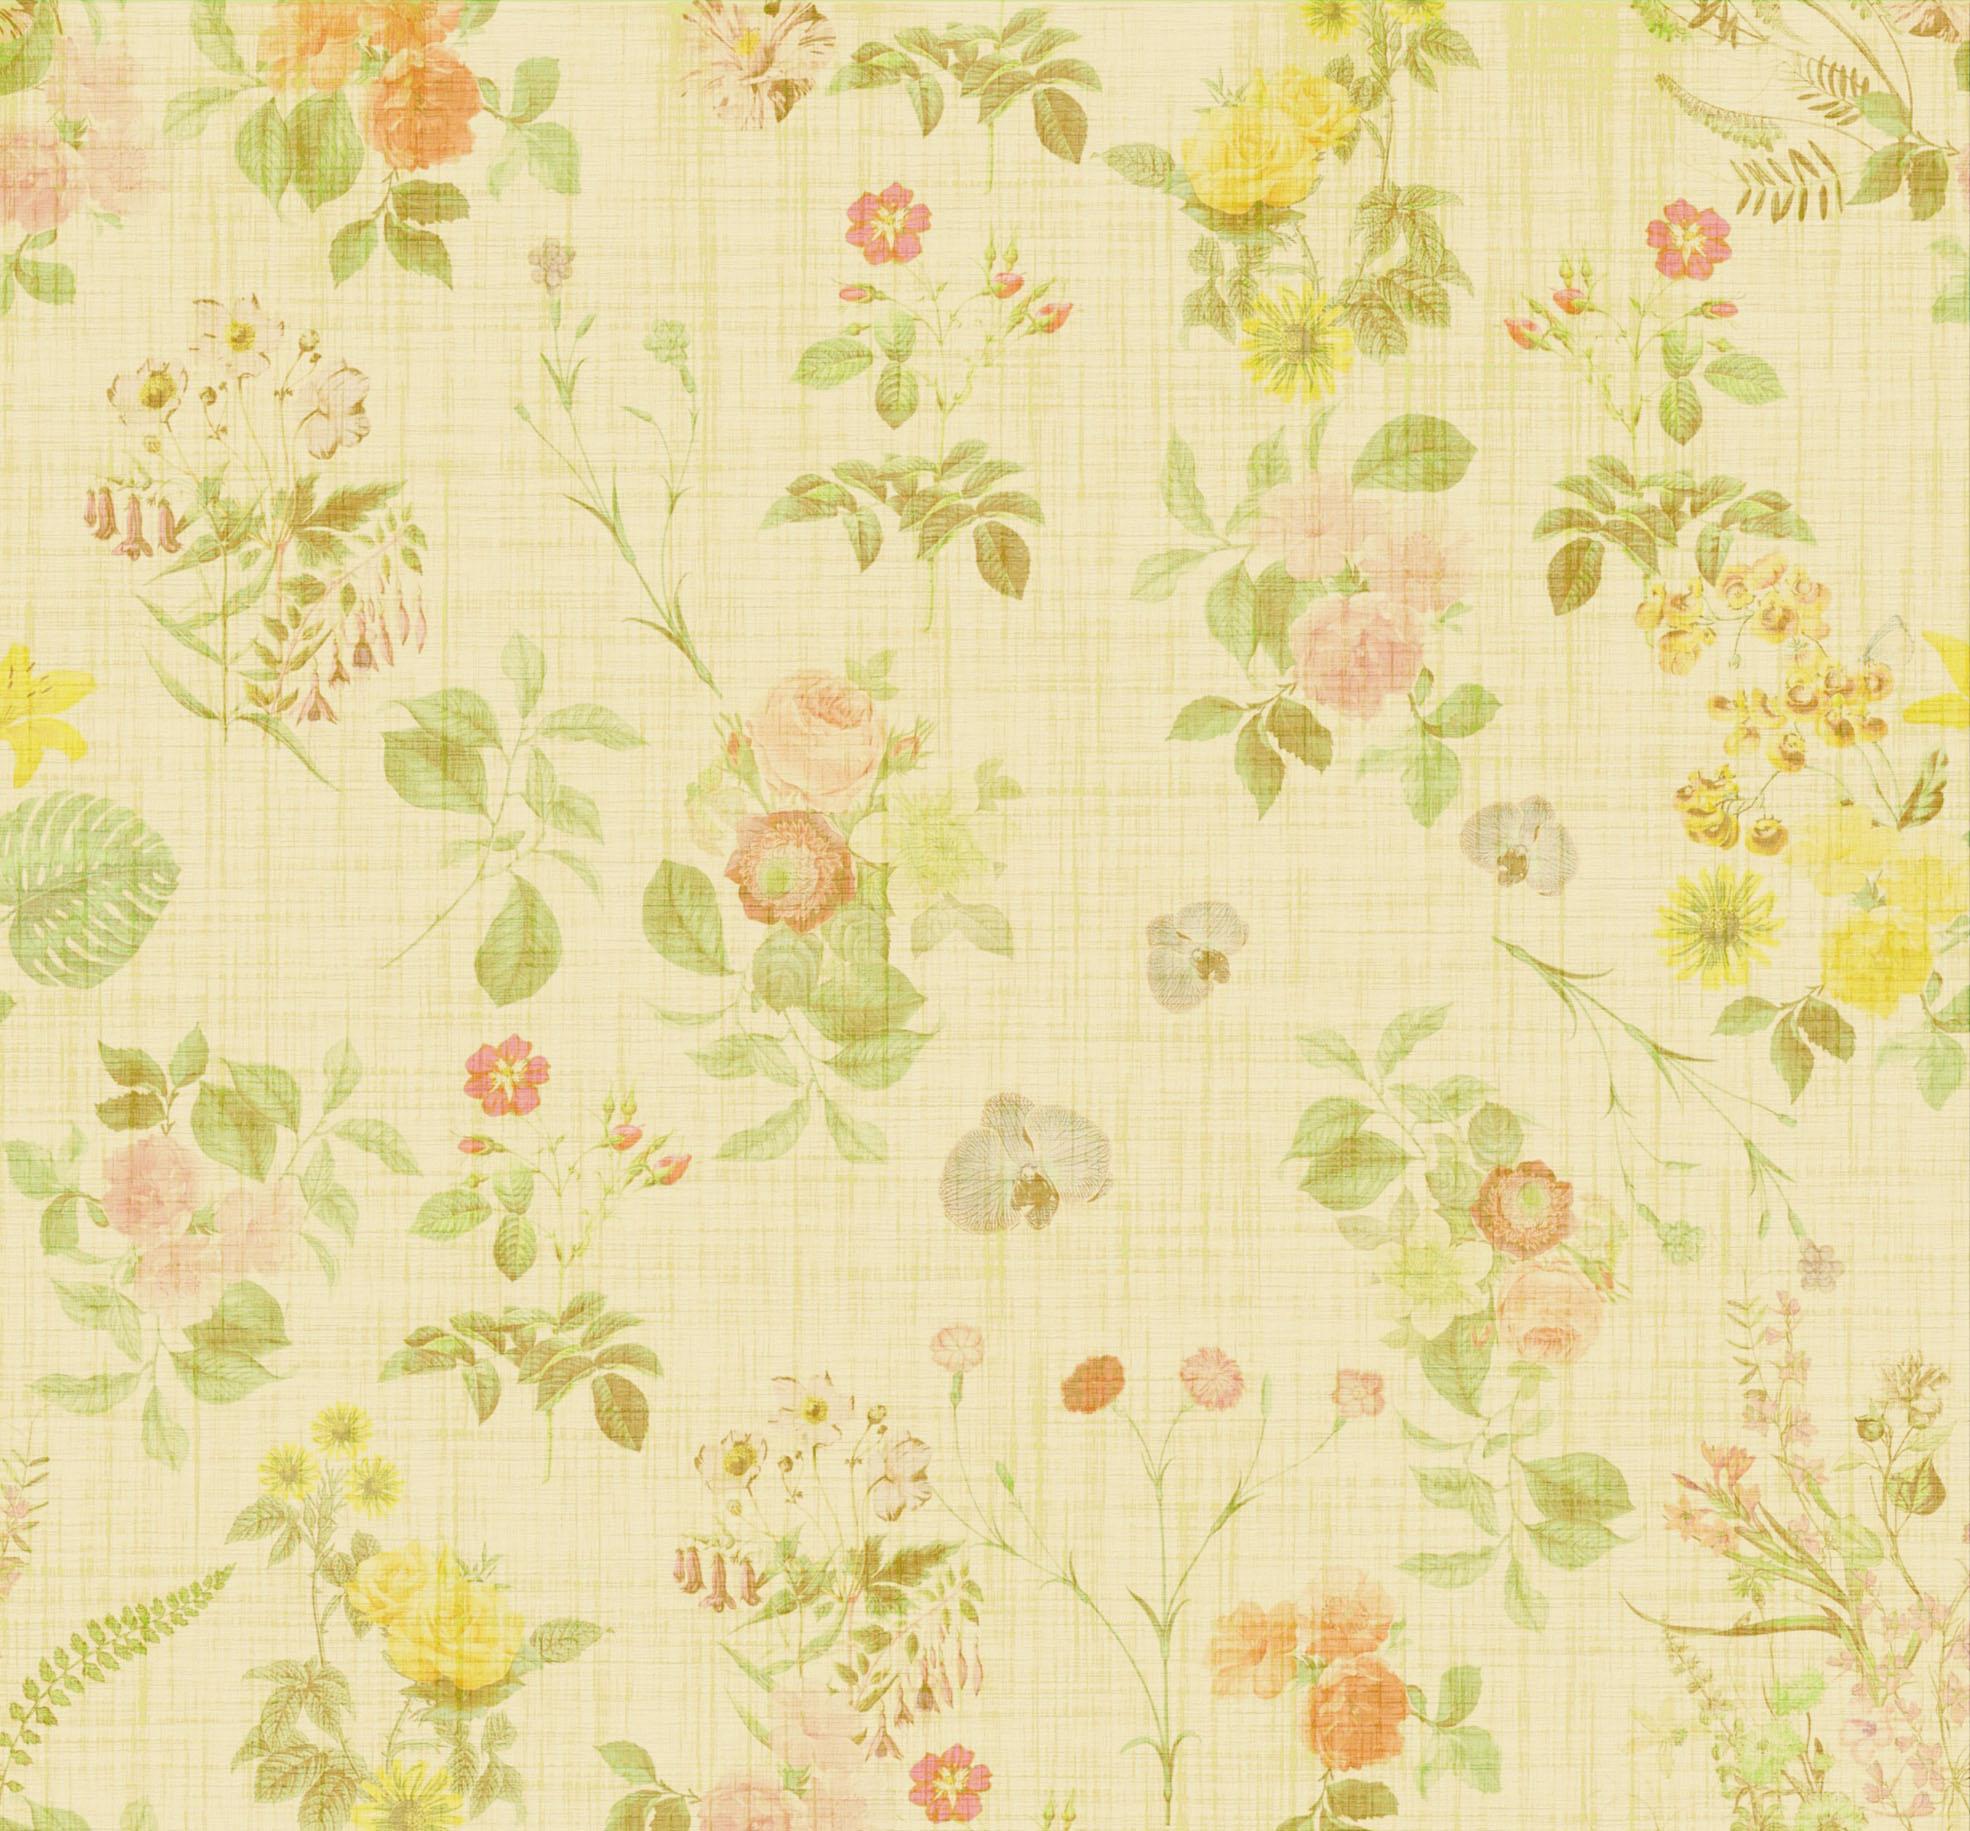 floral vintage background for scrapbooking